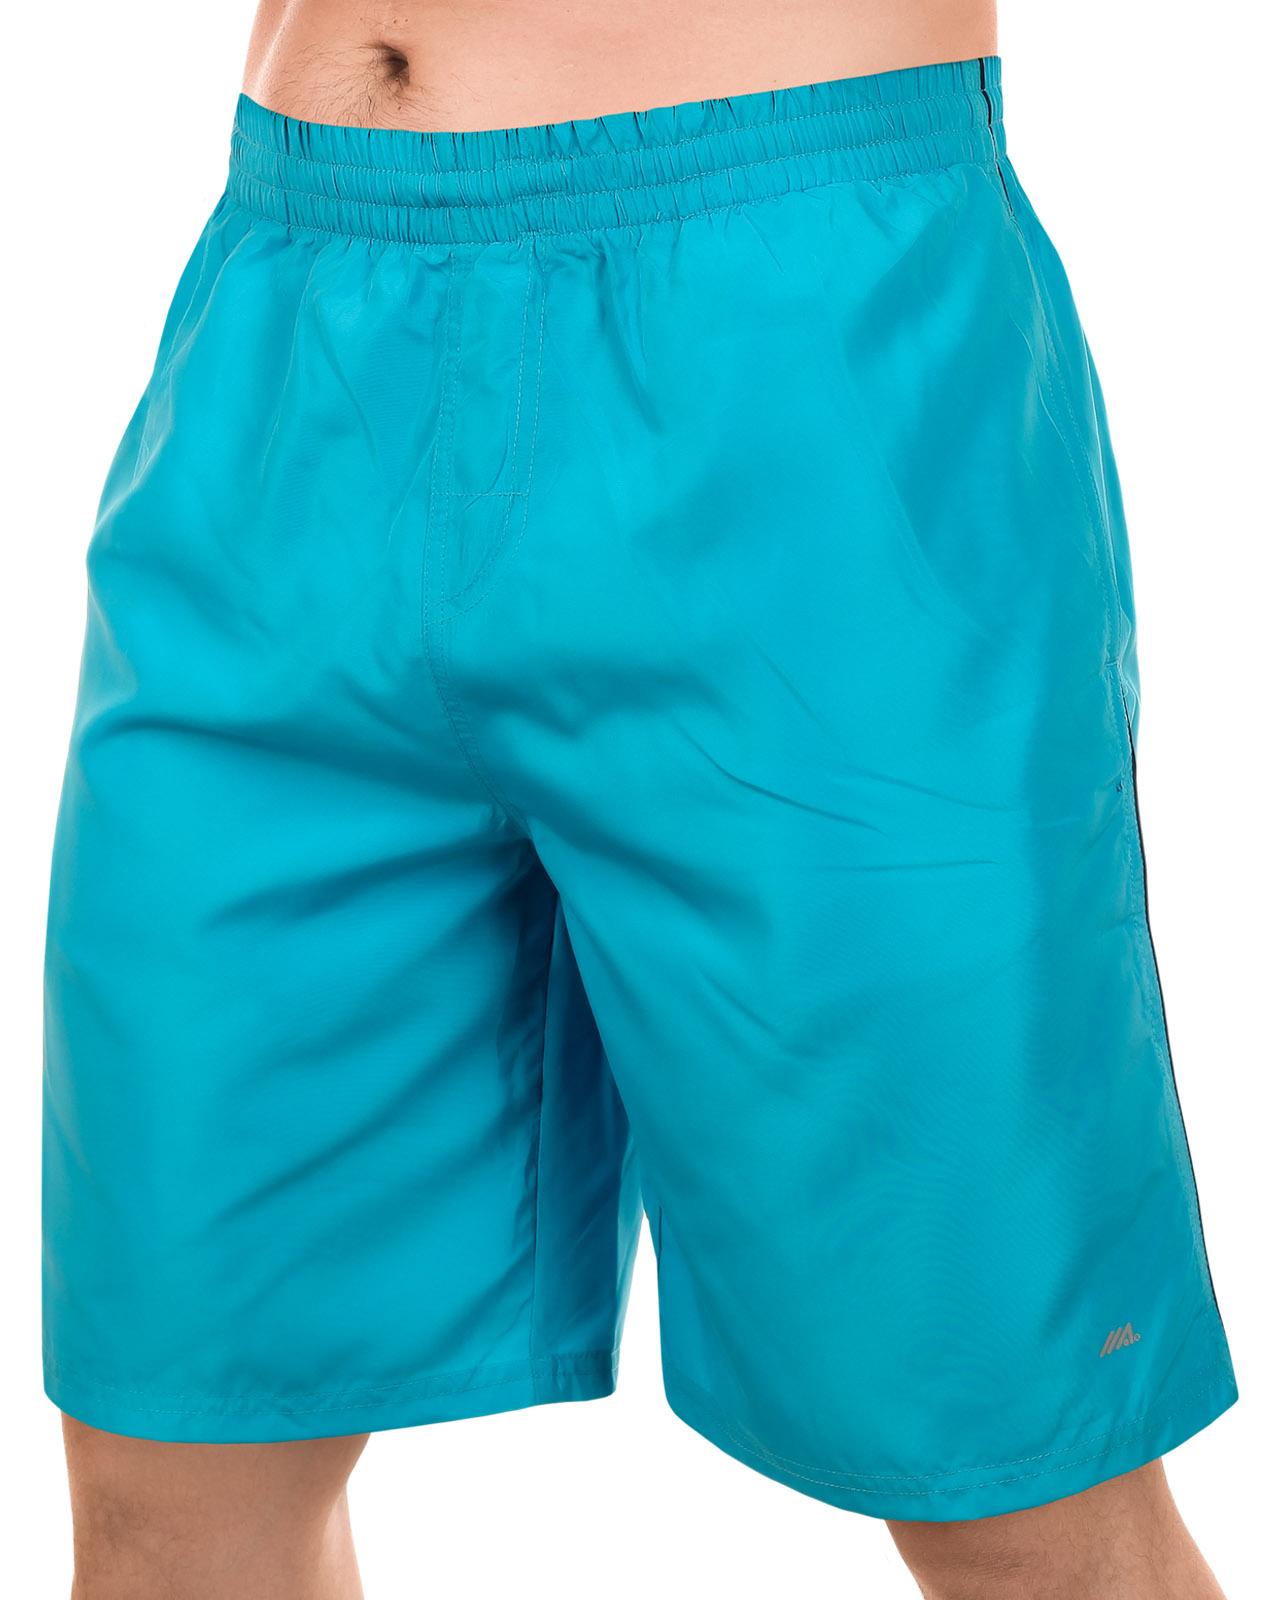 Мужские шорты для отдыха на морском побережье от MACE (Канада)